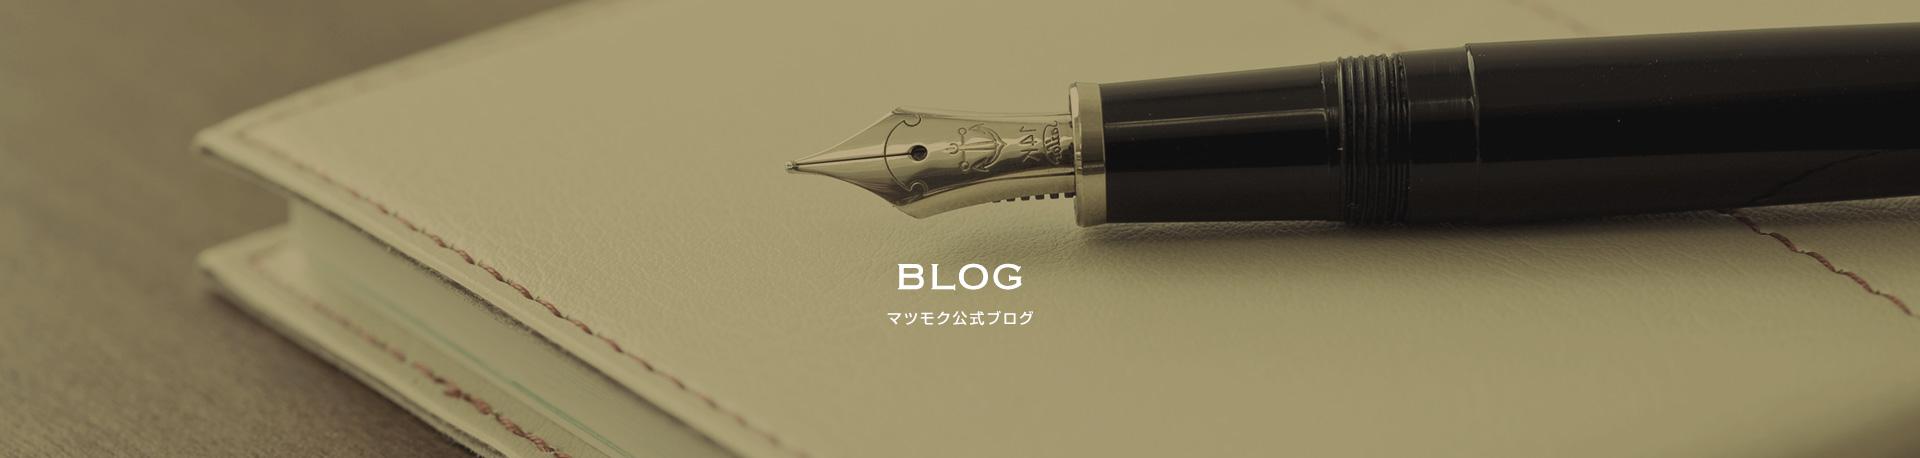 マツモク公式ブログ